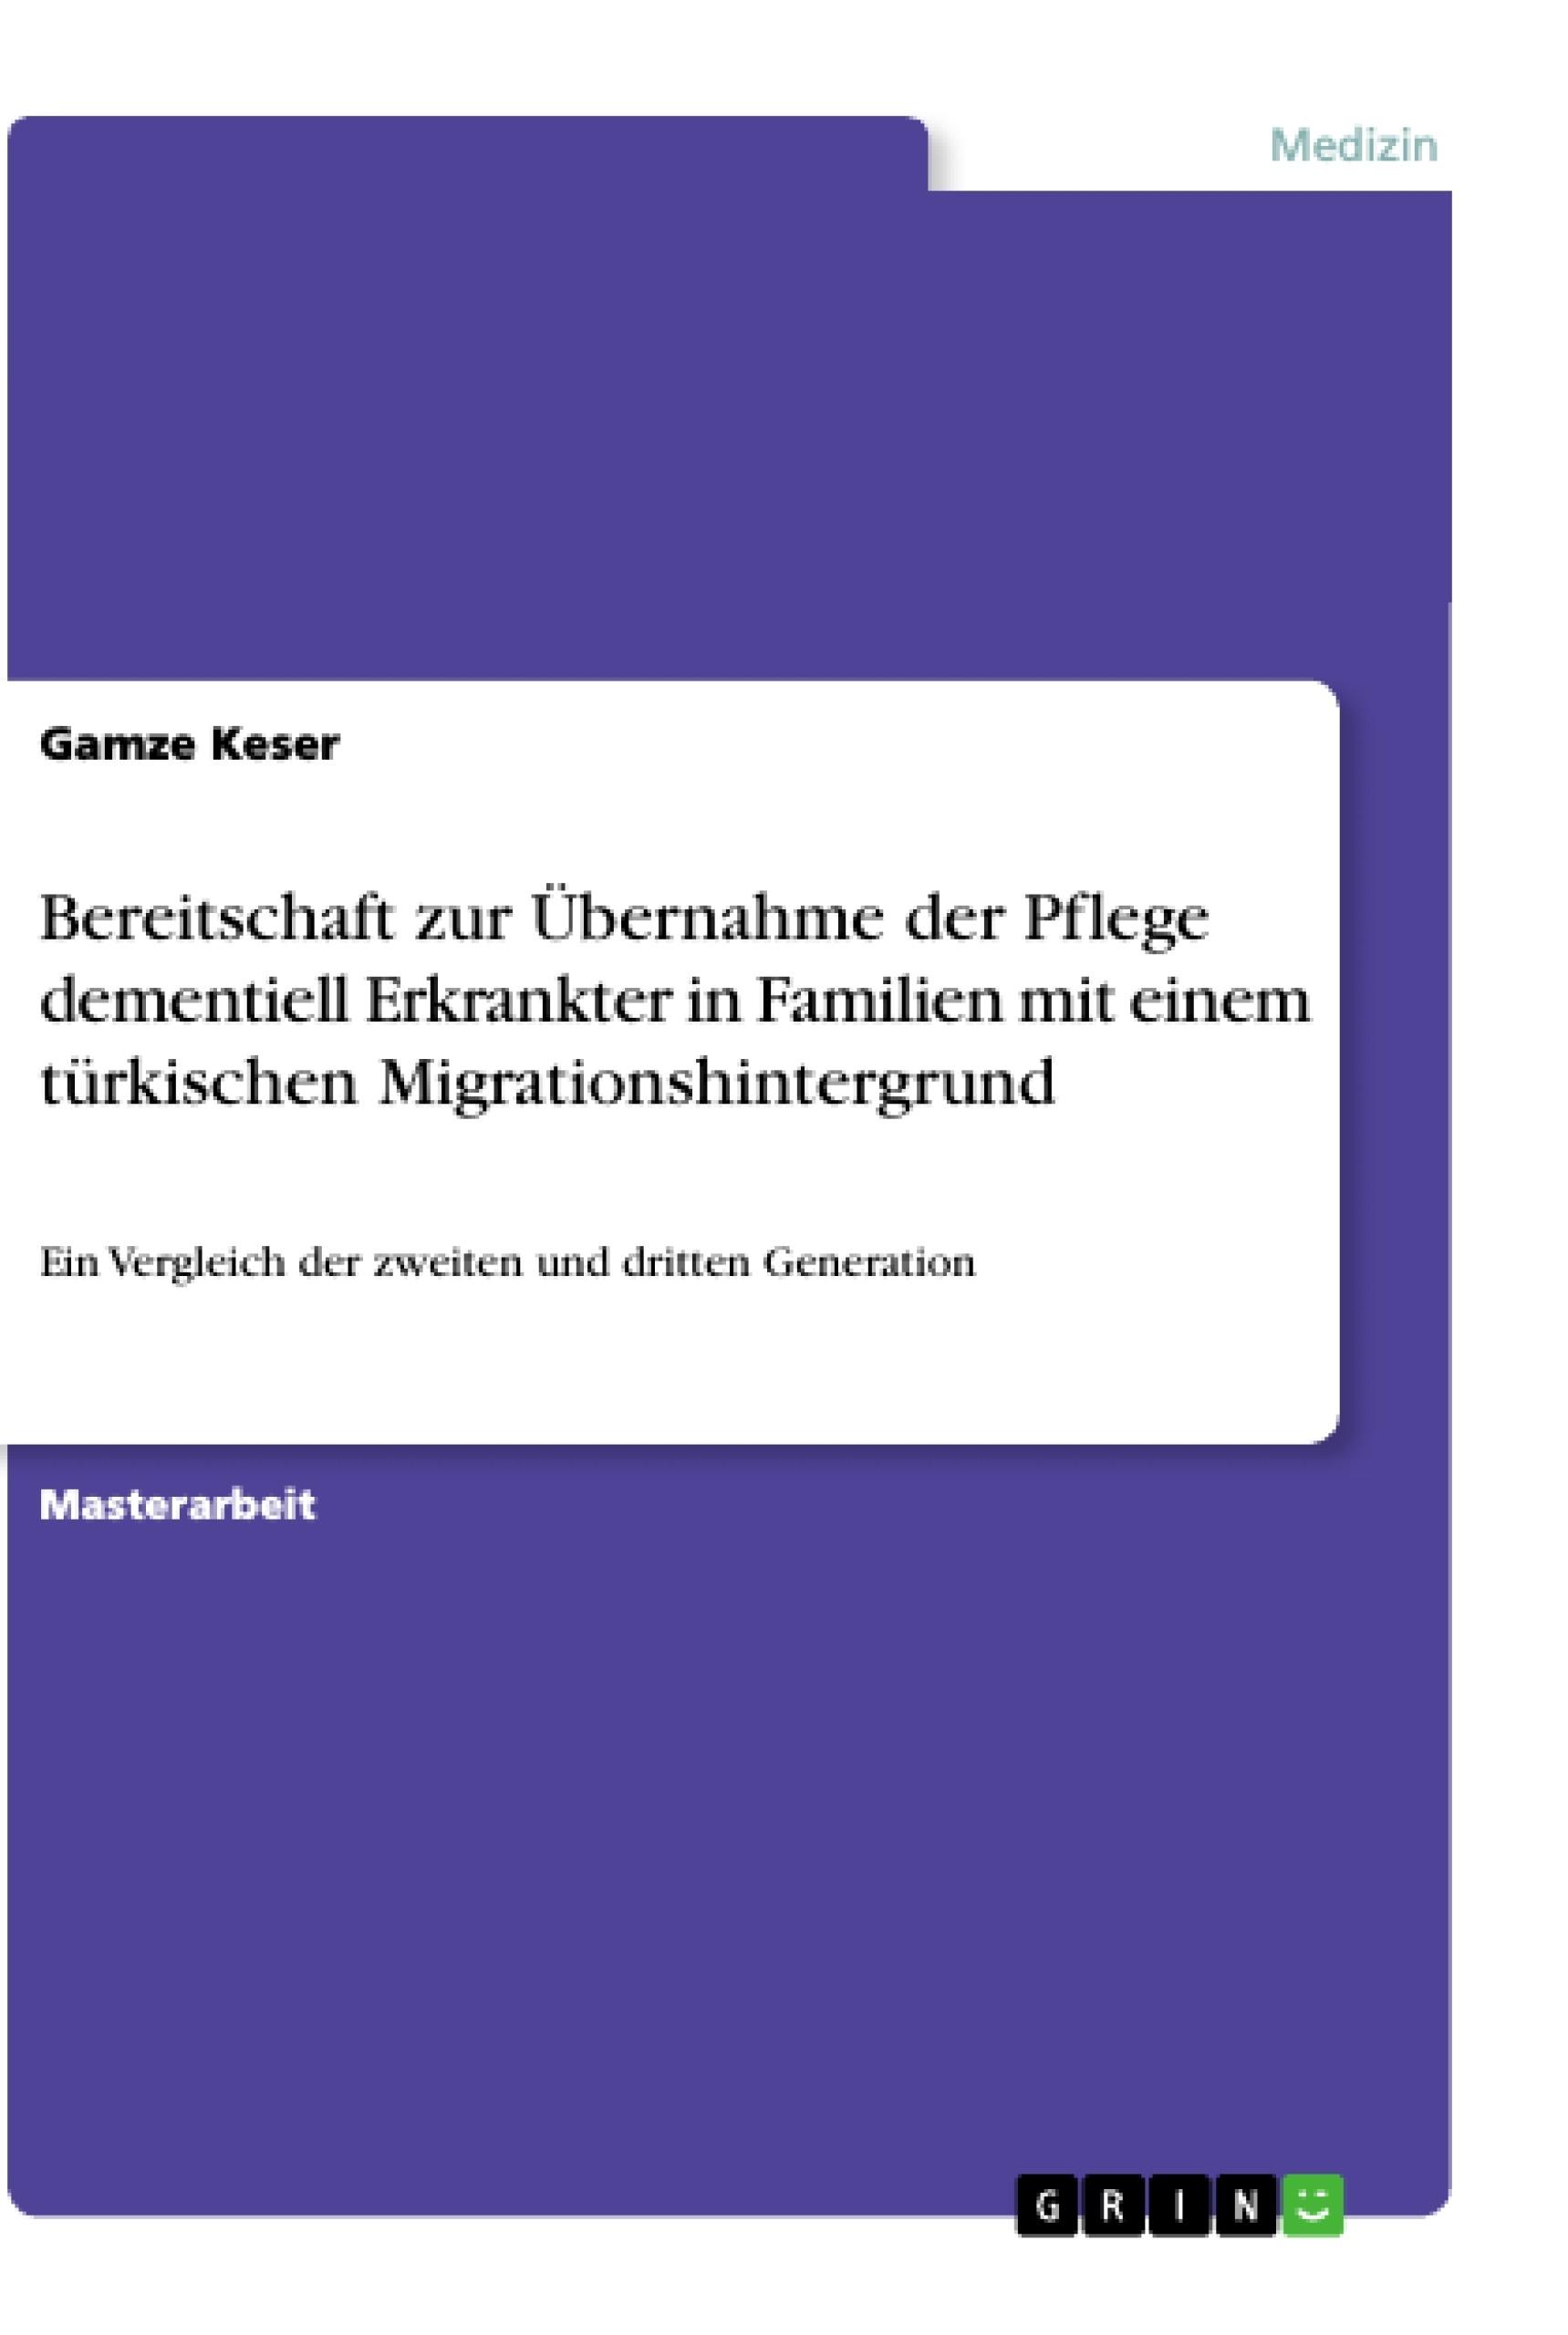 Titel: Bereitschaft zur Übernahme der Pflege dementiell Erkrankter in Familien mit einem türkischen Migrationshintergrund